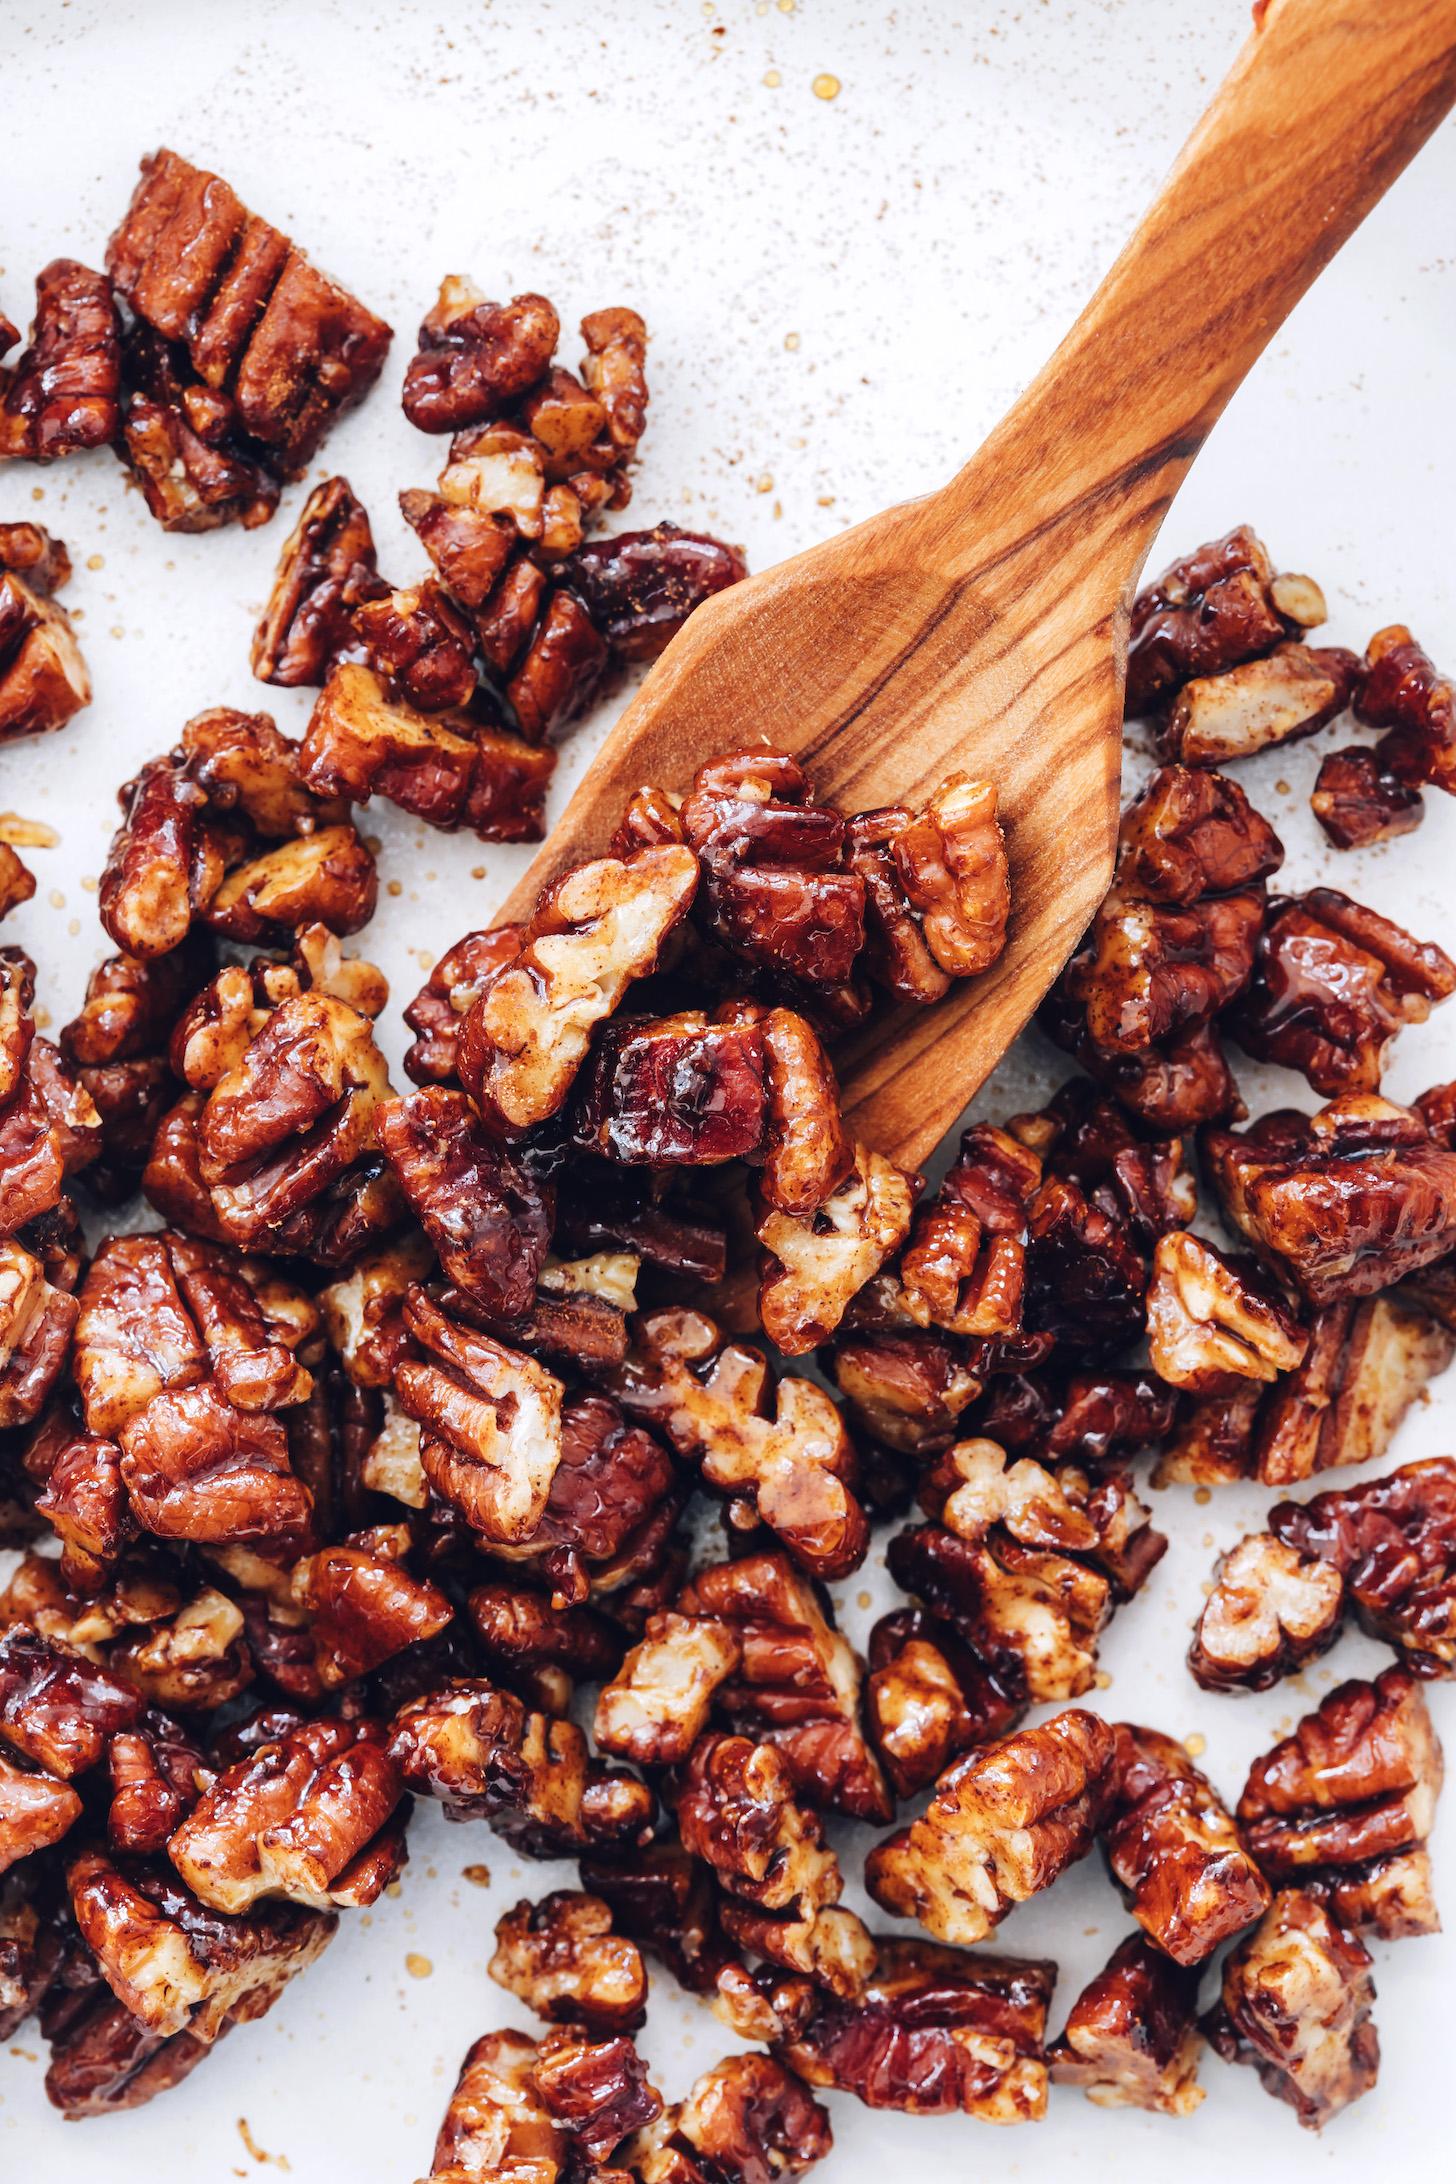 Cuillère en bois tenant des noix de pécan confites